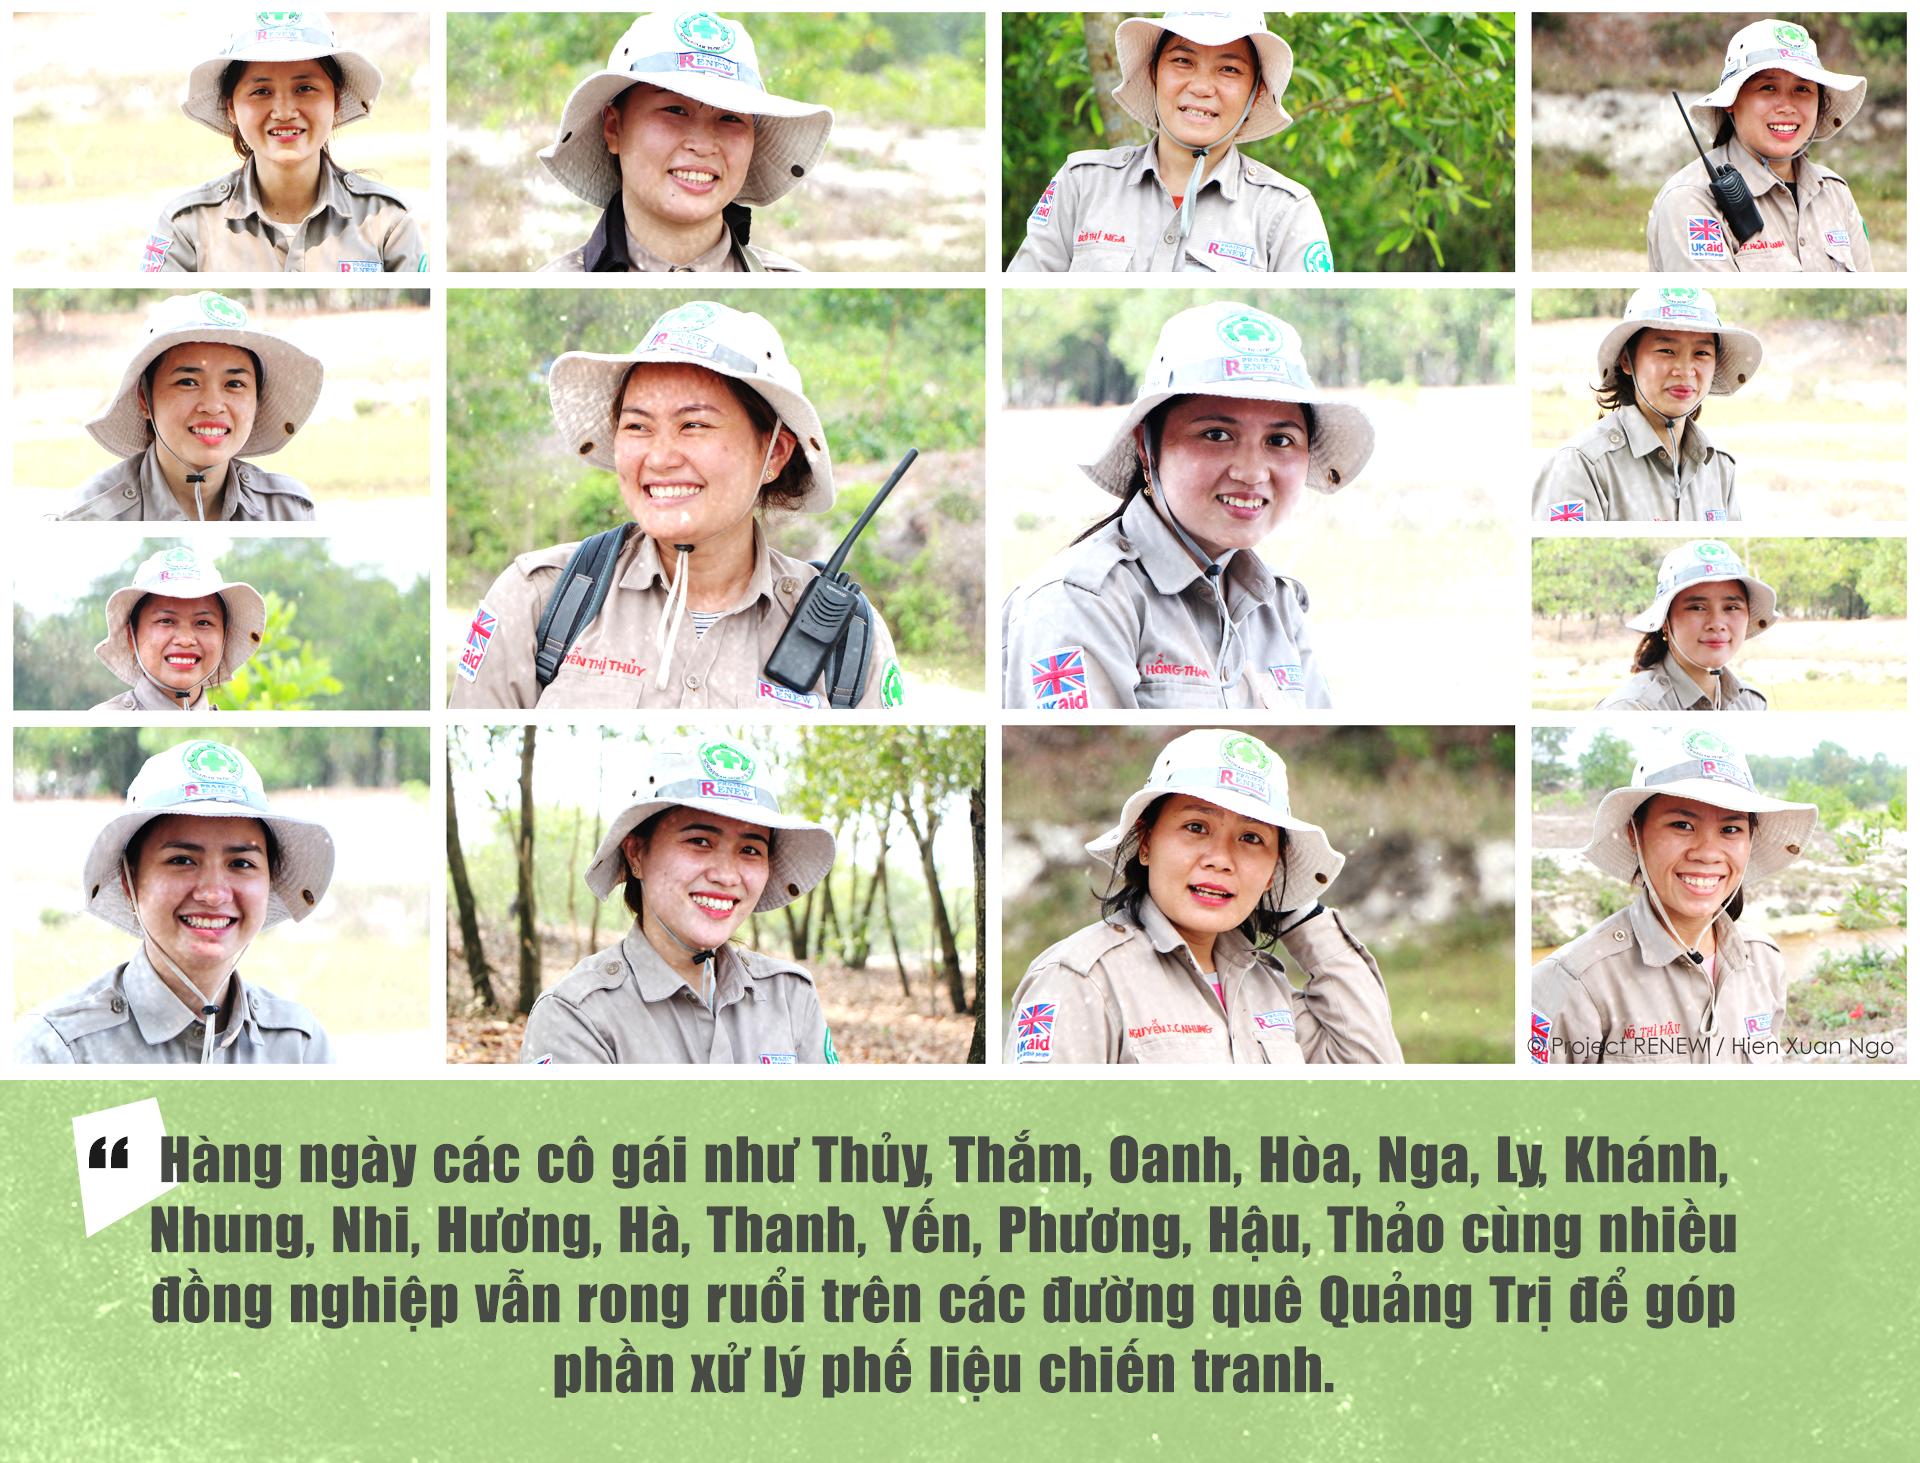 Đội nữ rà phá bom, mìn vùng 'đất lửa' Quảng Trị - ảnh 11